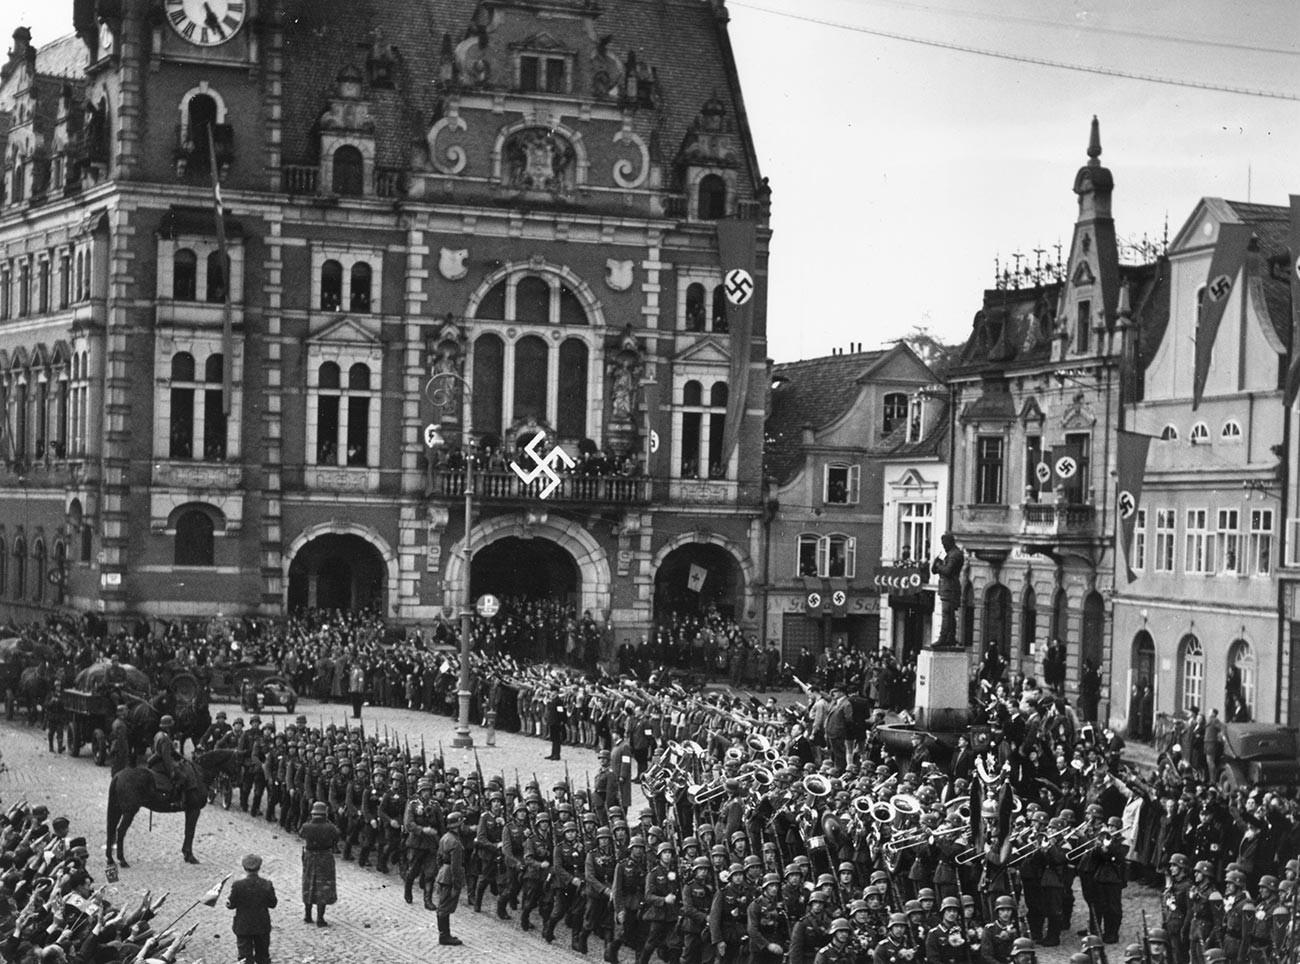 Las tropas del ejército alemán entran en territorio checoslovaco y desfilan en la plaza de la ciudad de Rumburk, que ha sido decorada con banderas con la cruz gamada.